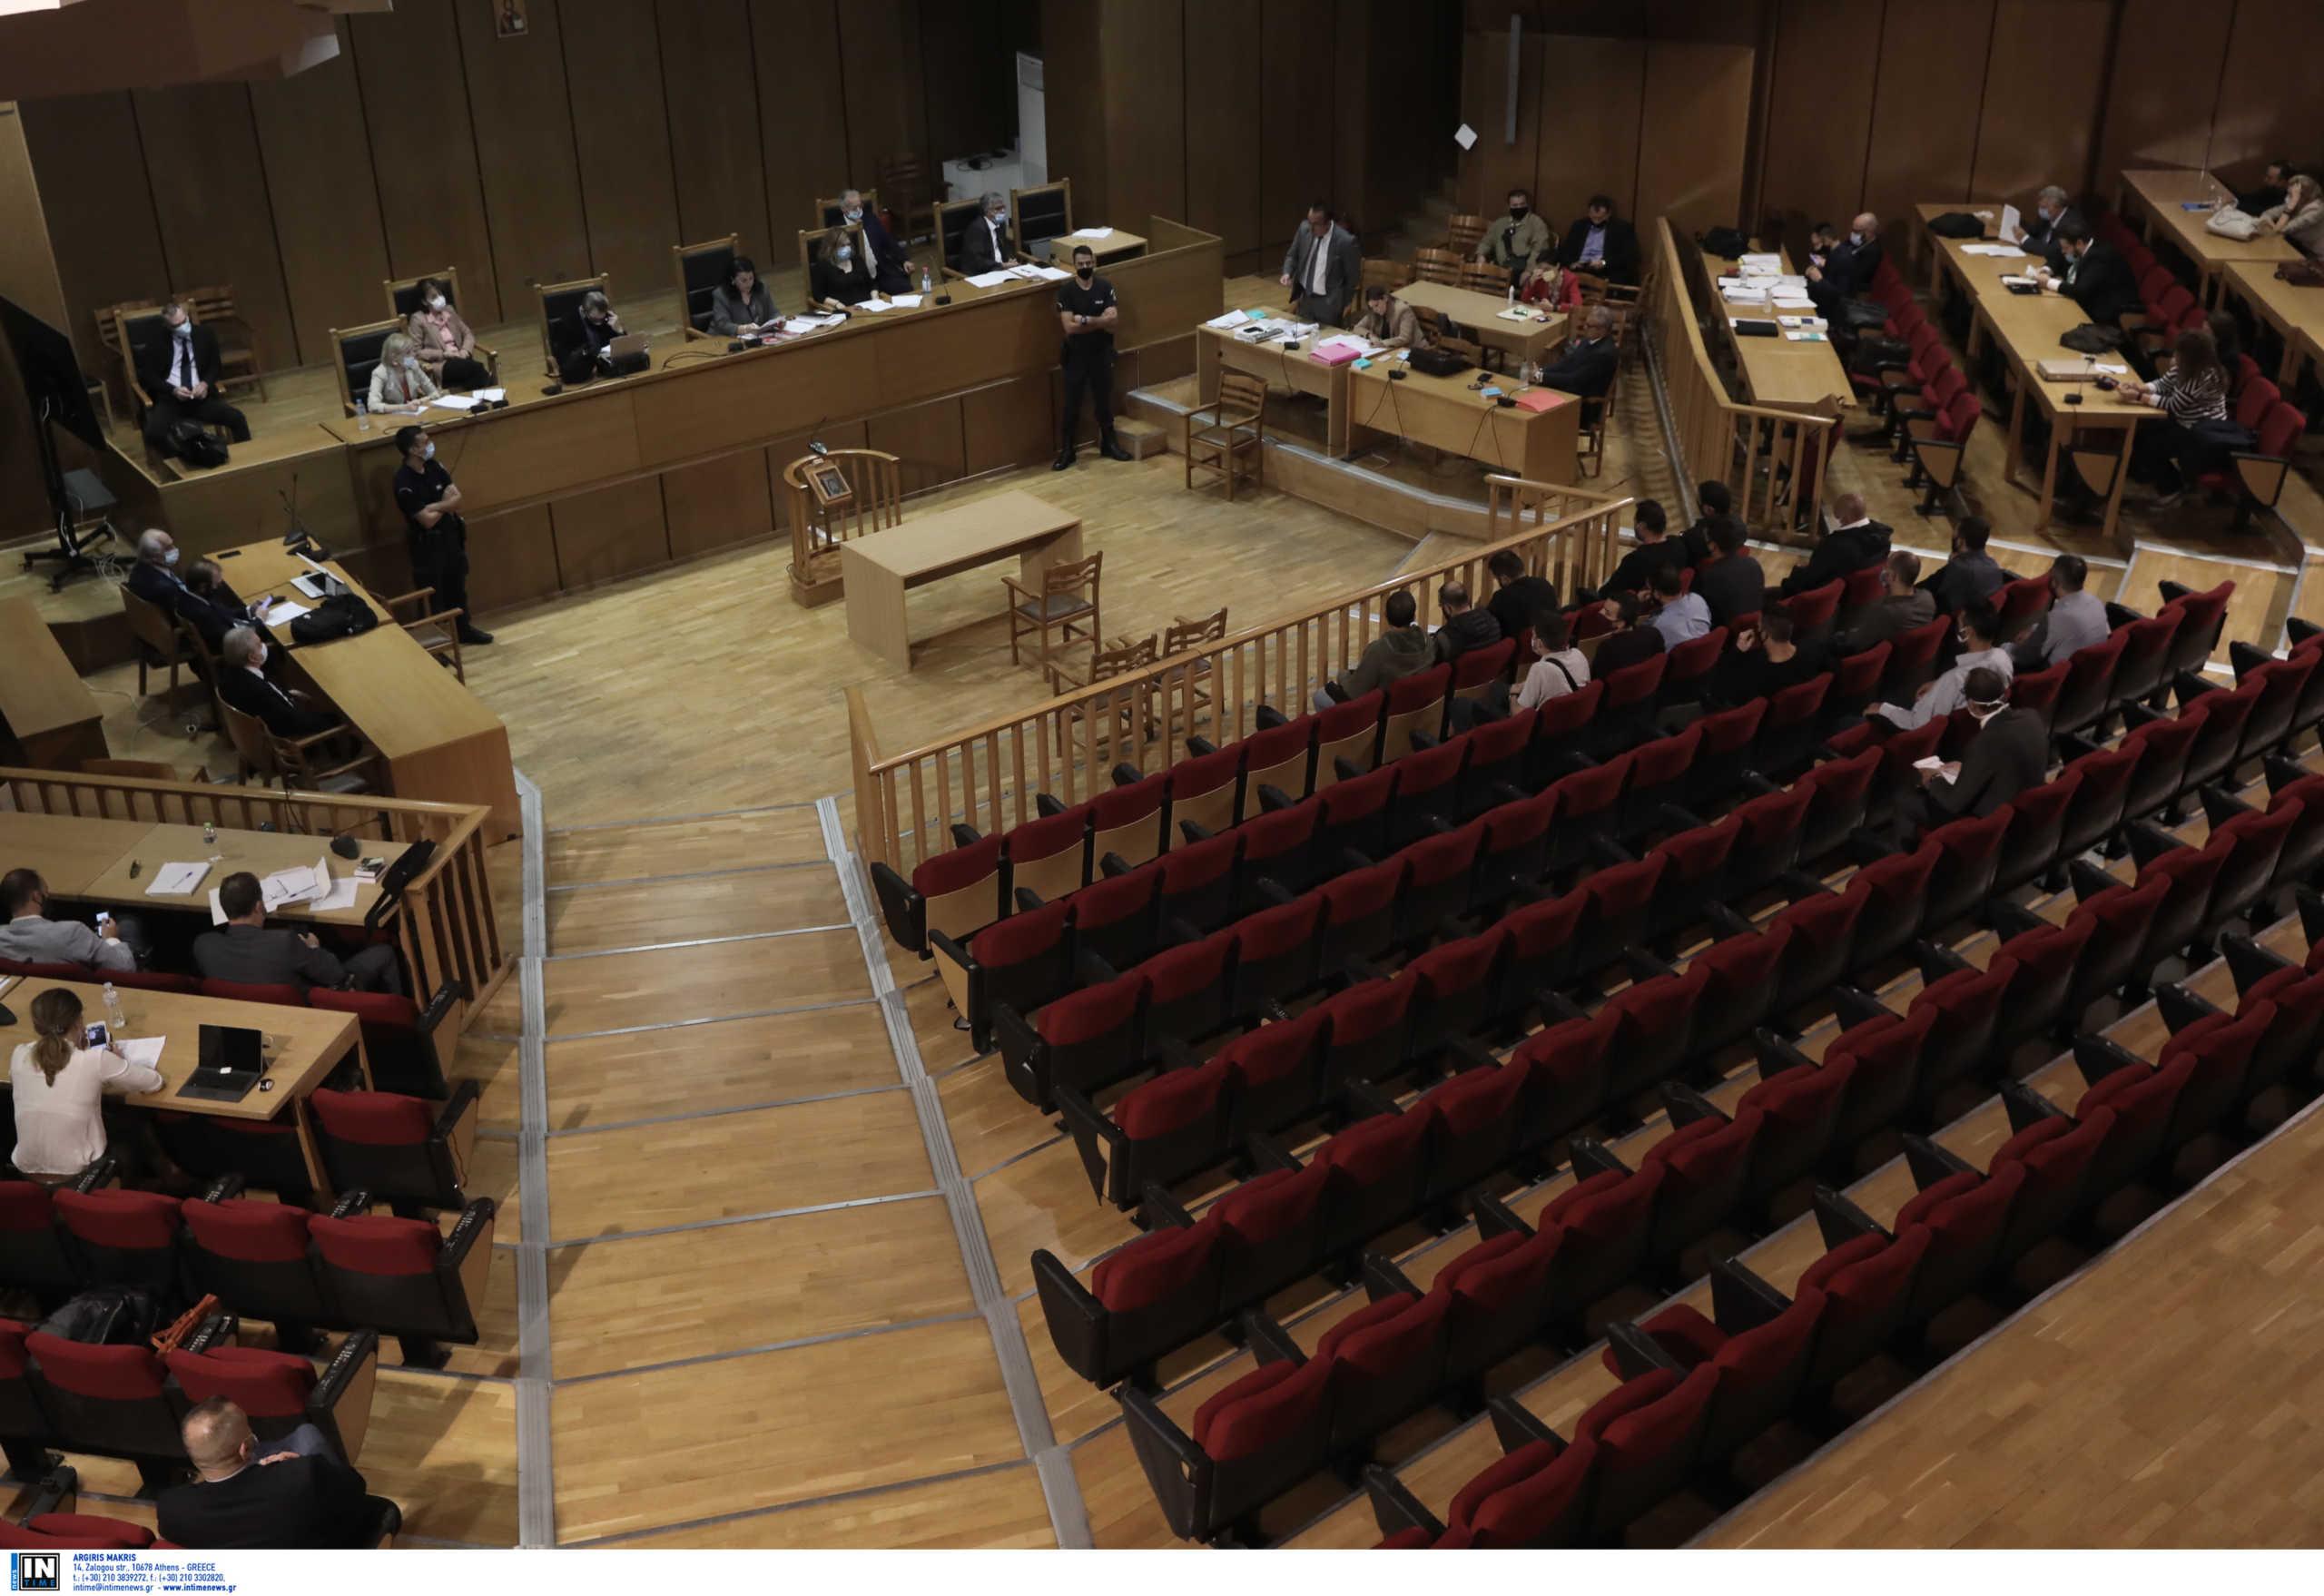 αίθουσα Εφετείου Αθηνών όπου εκδικάζεται η υπόθεση της Χρυσής Αυγής